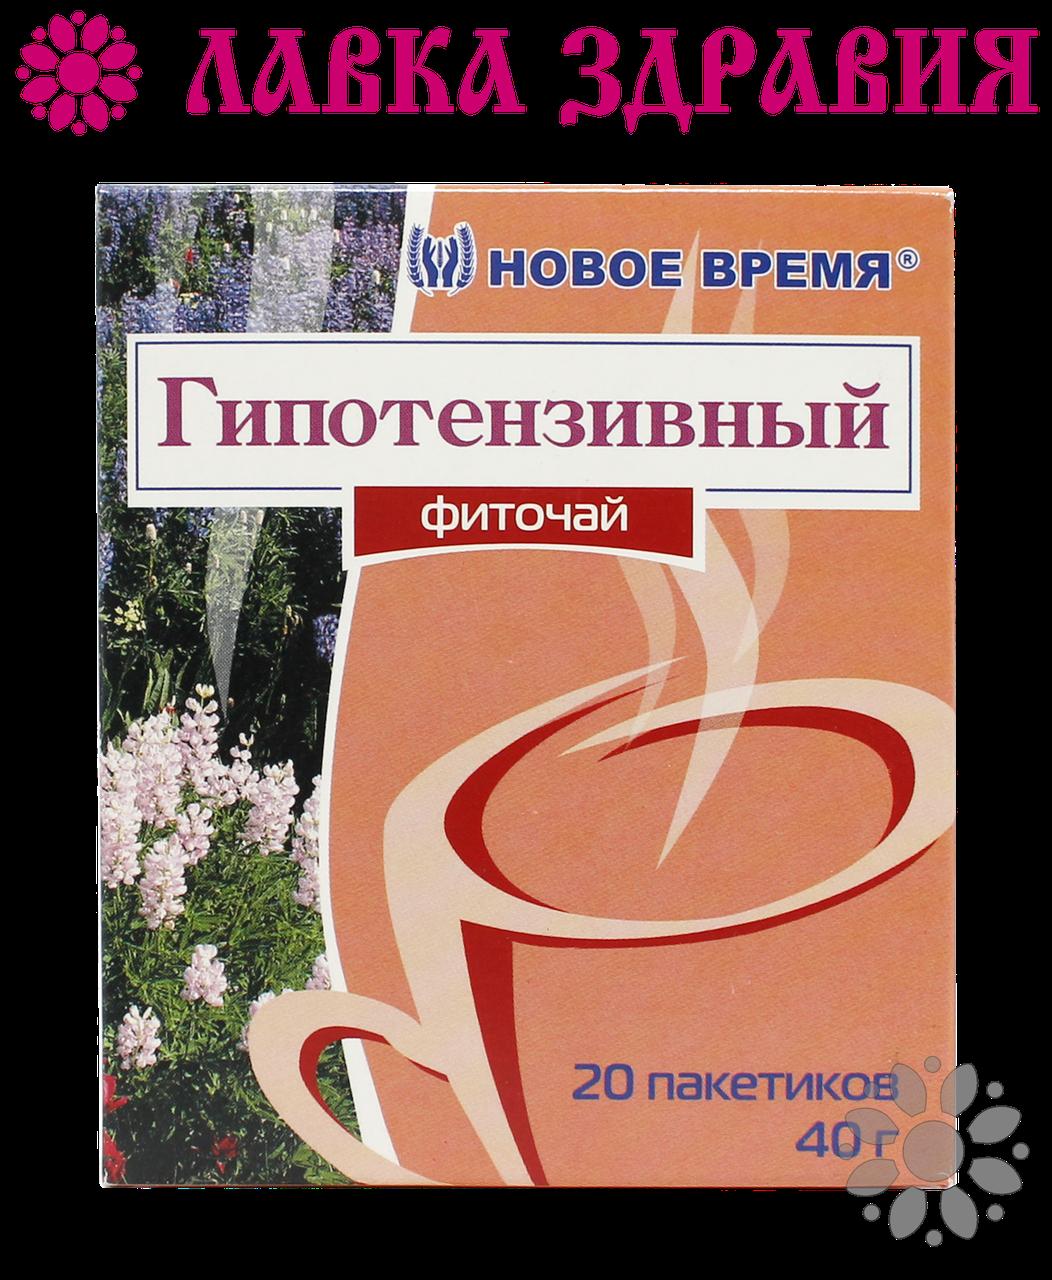 Фиточай Гипотензивный, 20 пак, Новое Время